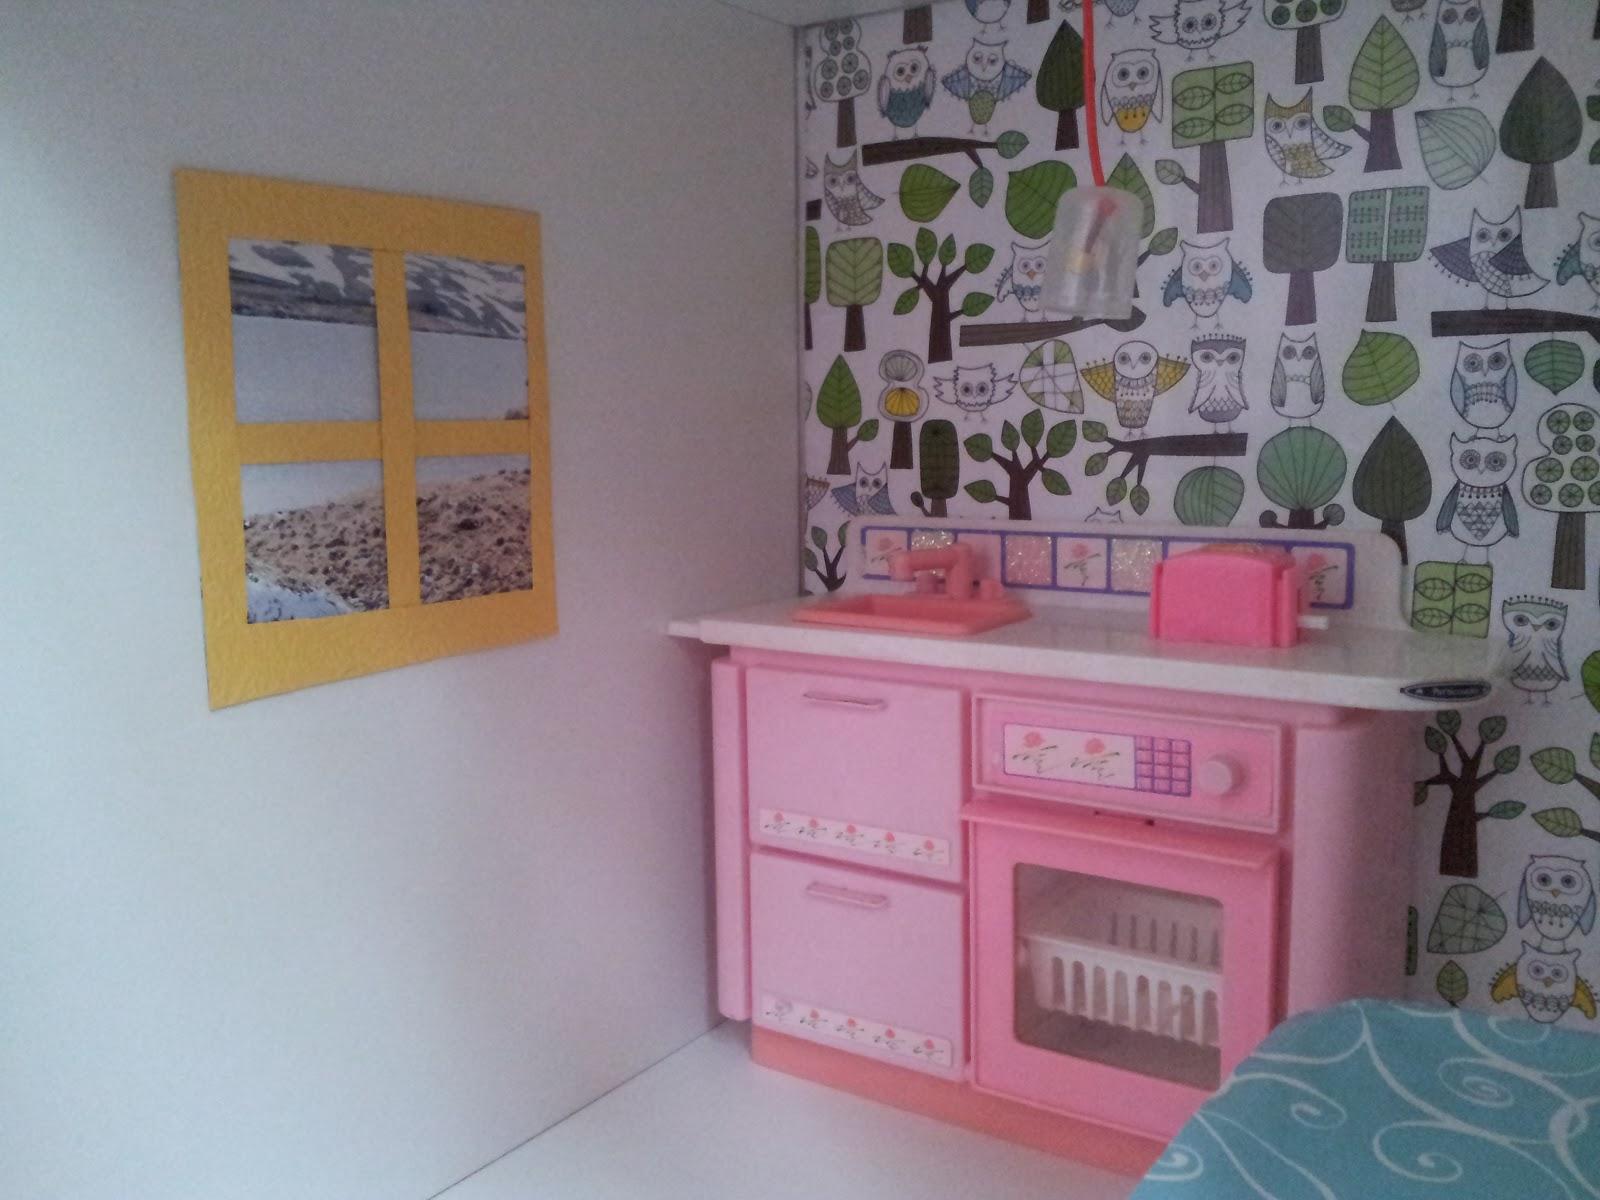 barbie haus selber bauen aus karton die neuesten innenarchitekturideen. Black Bedroom Furniture Sets. Home Design Ideas